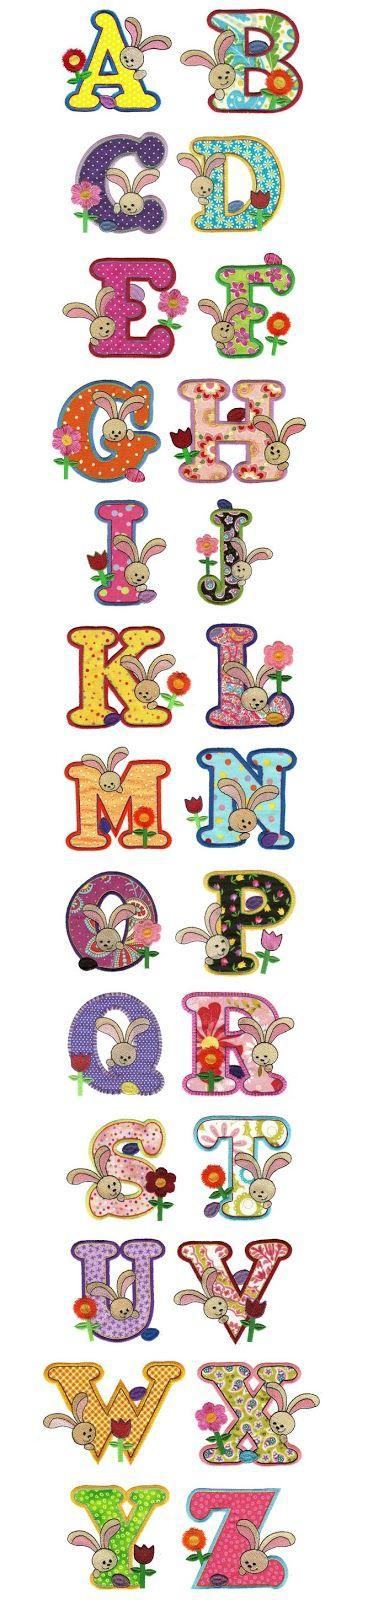 Alfabetos Lindos: Lindo alfabeto de páscoa colorido! - Alfabeto letras de páscoa com coelho para imprimir